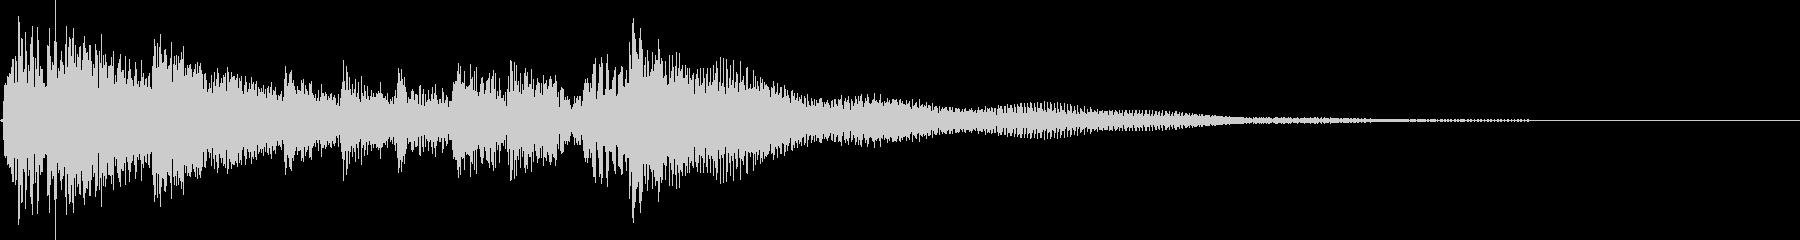 ラテンギターアクセントの未再生の波形